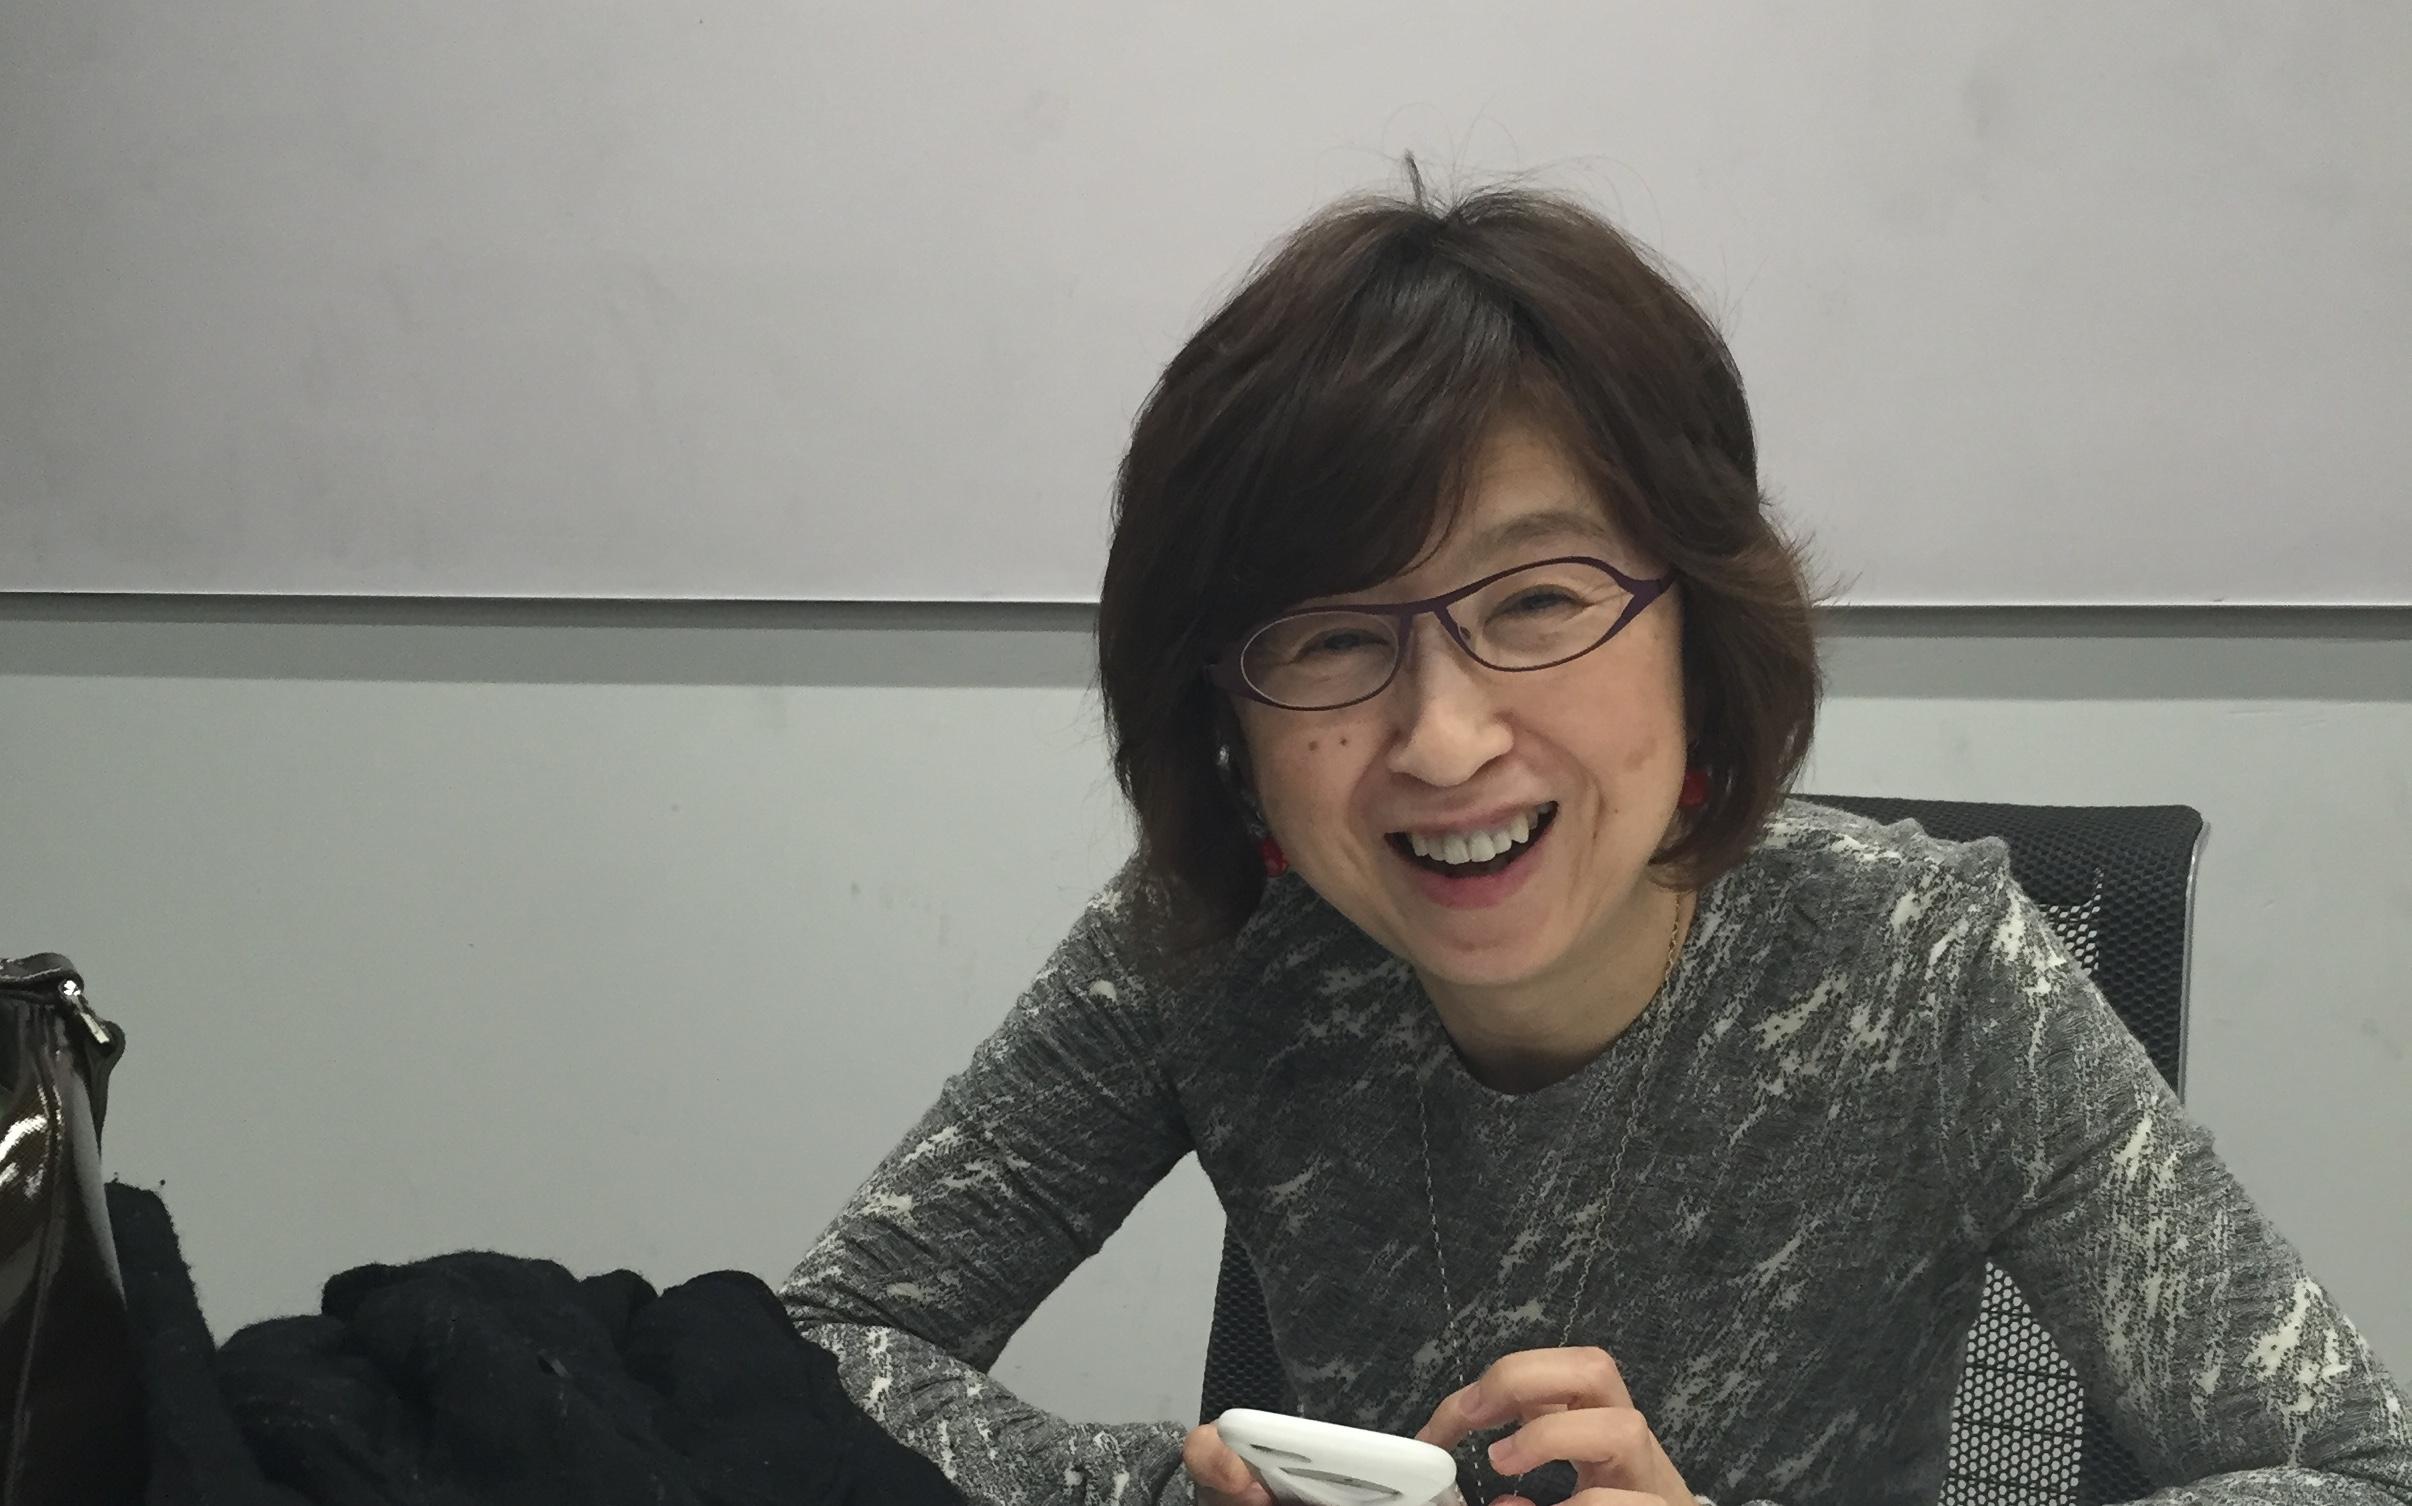 株式会社ディー・エヌ・エー南場智子会長カバン持ちインターン体験記